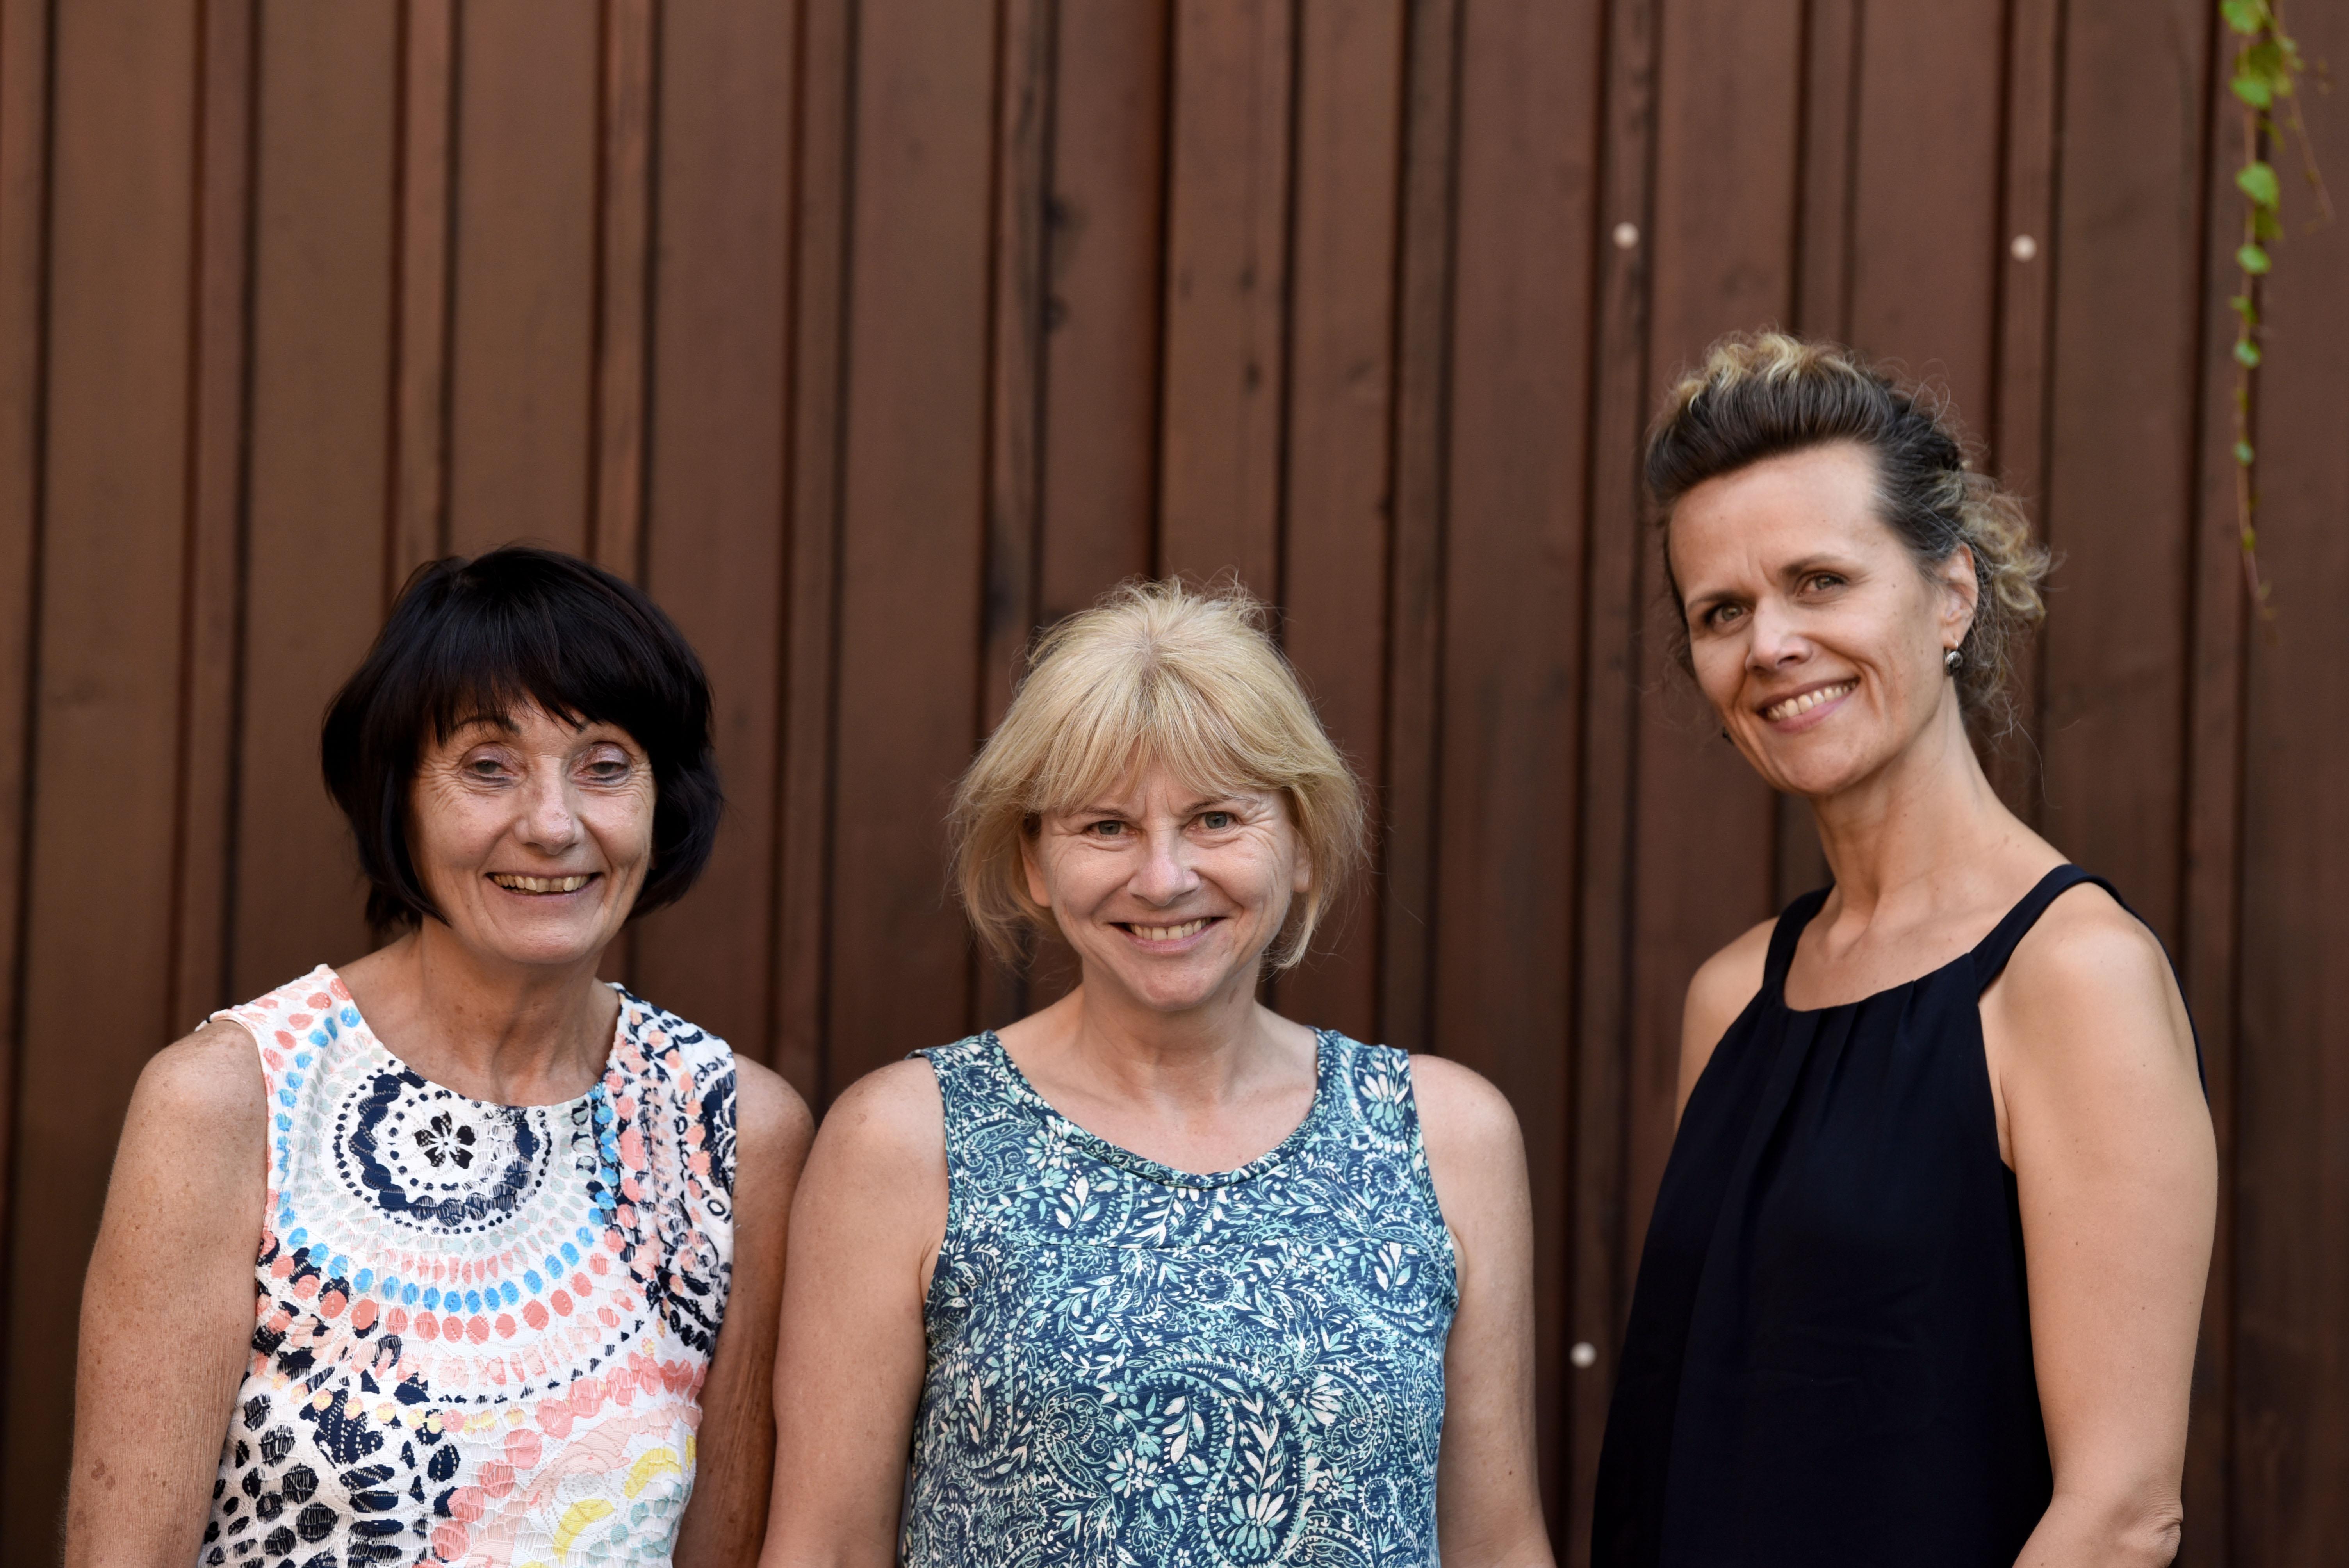 Das Team der Straßenkreuzer Uni: Barbara Kressmann, Ilse Weiß, Sandra Dichtl (von li.)